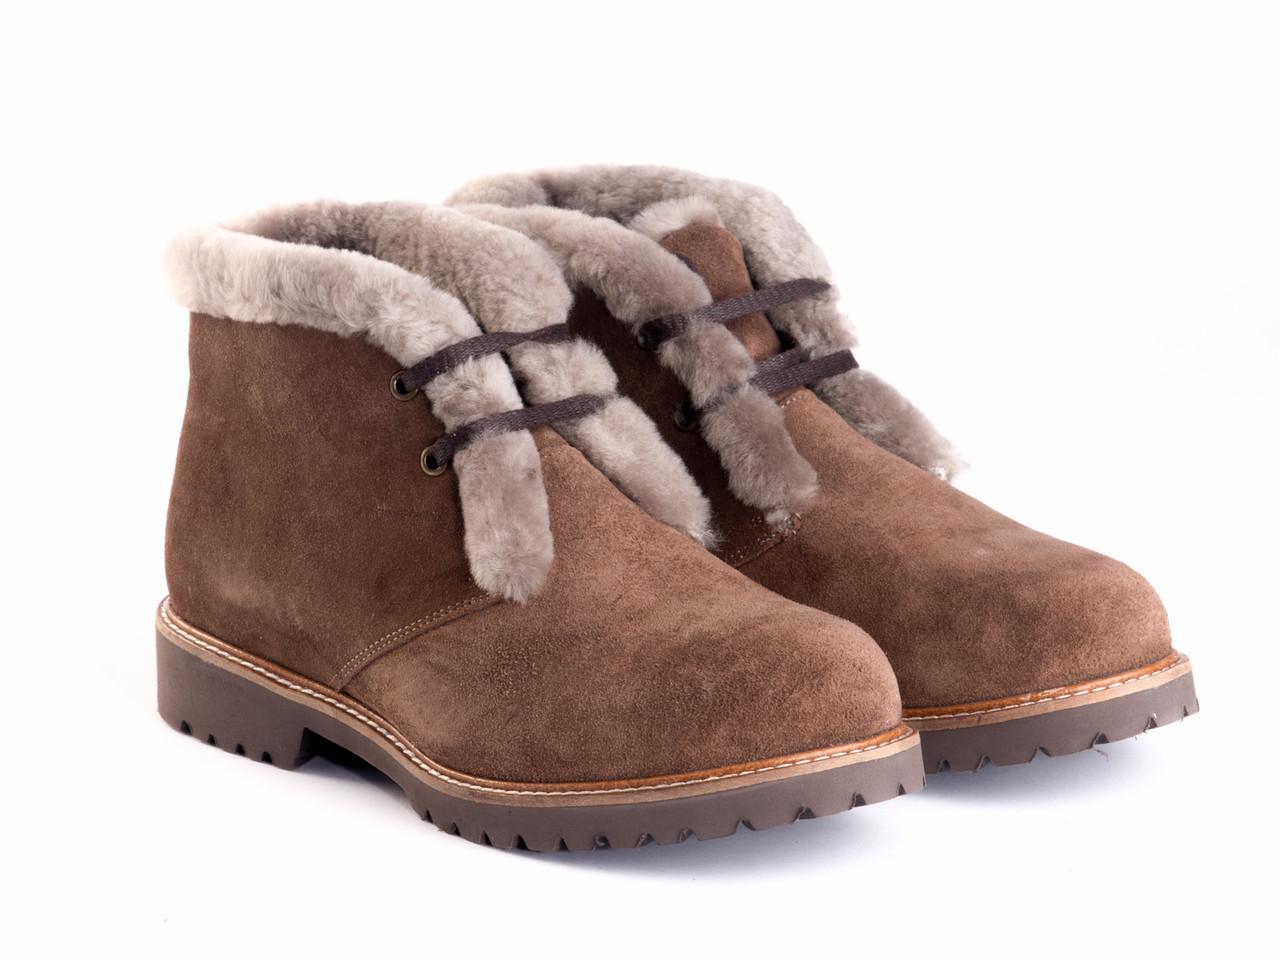 Ботинки Etor 5652-2298-0372 36 коричневые